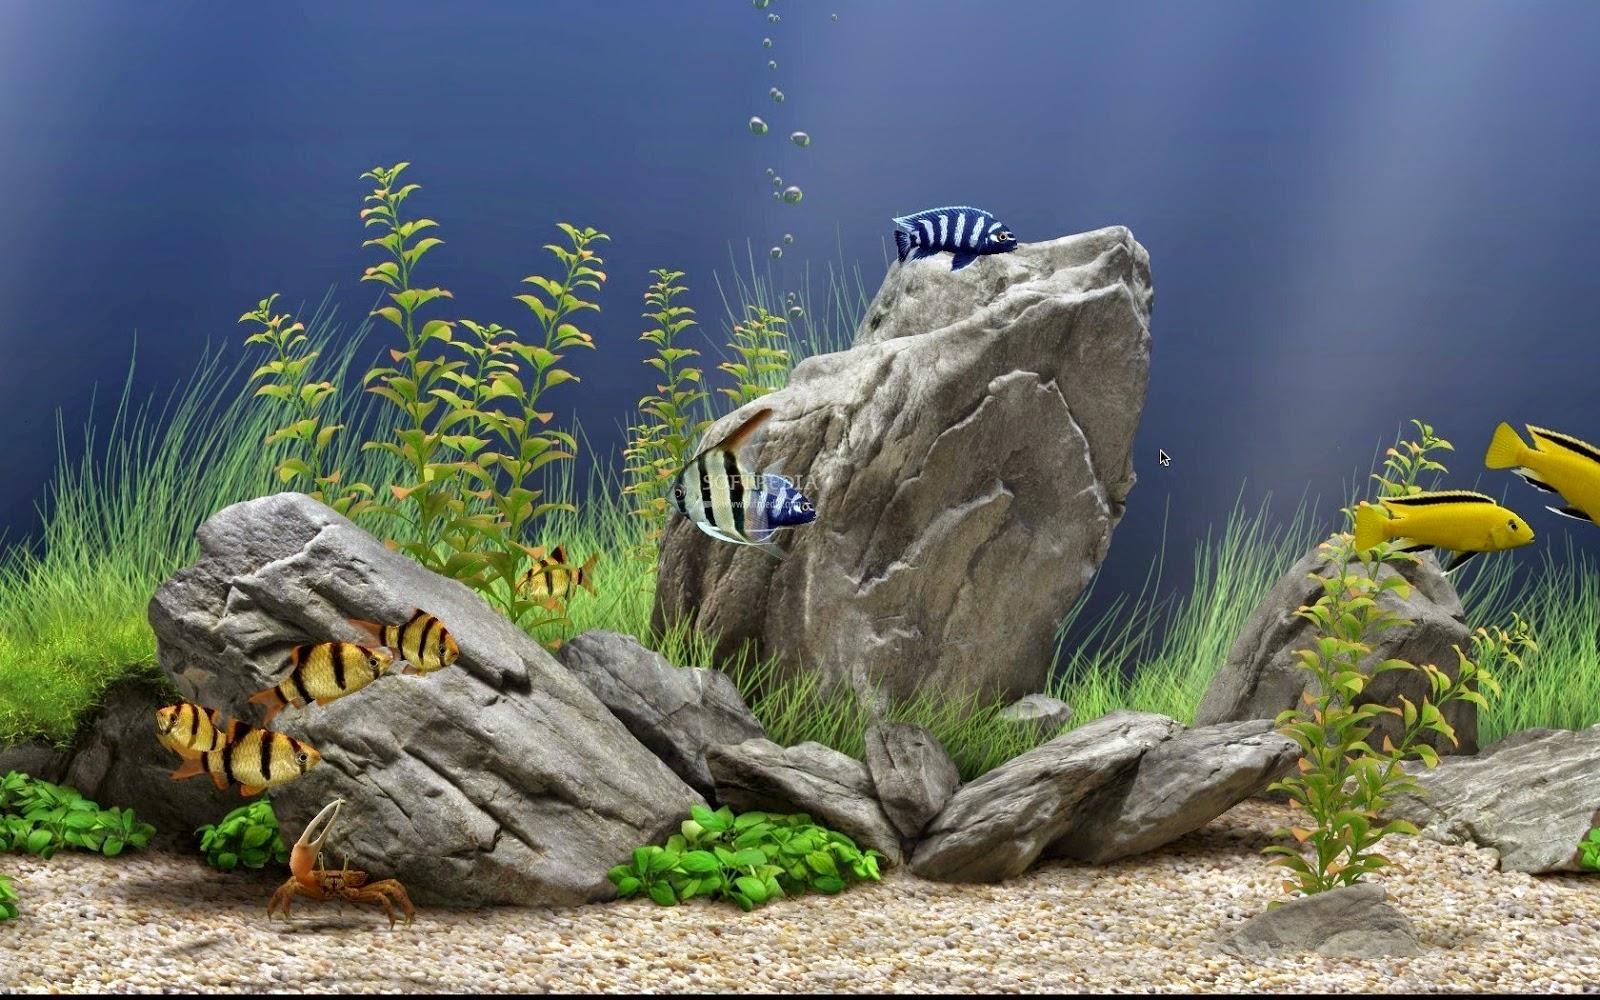 Dream aquarium v1 1 3 2 full crack dileate - Dream aquarium virtual fishtank 1 ...